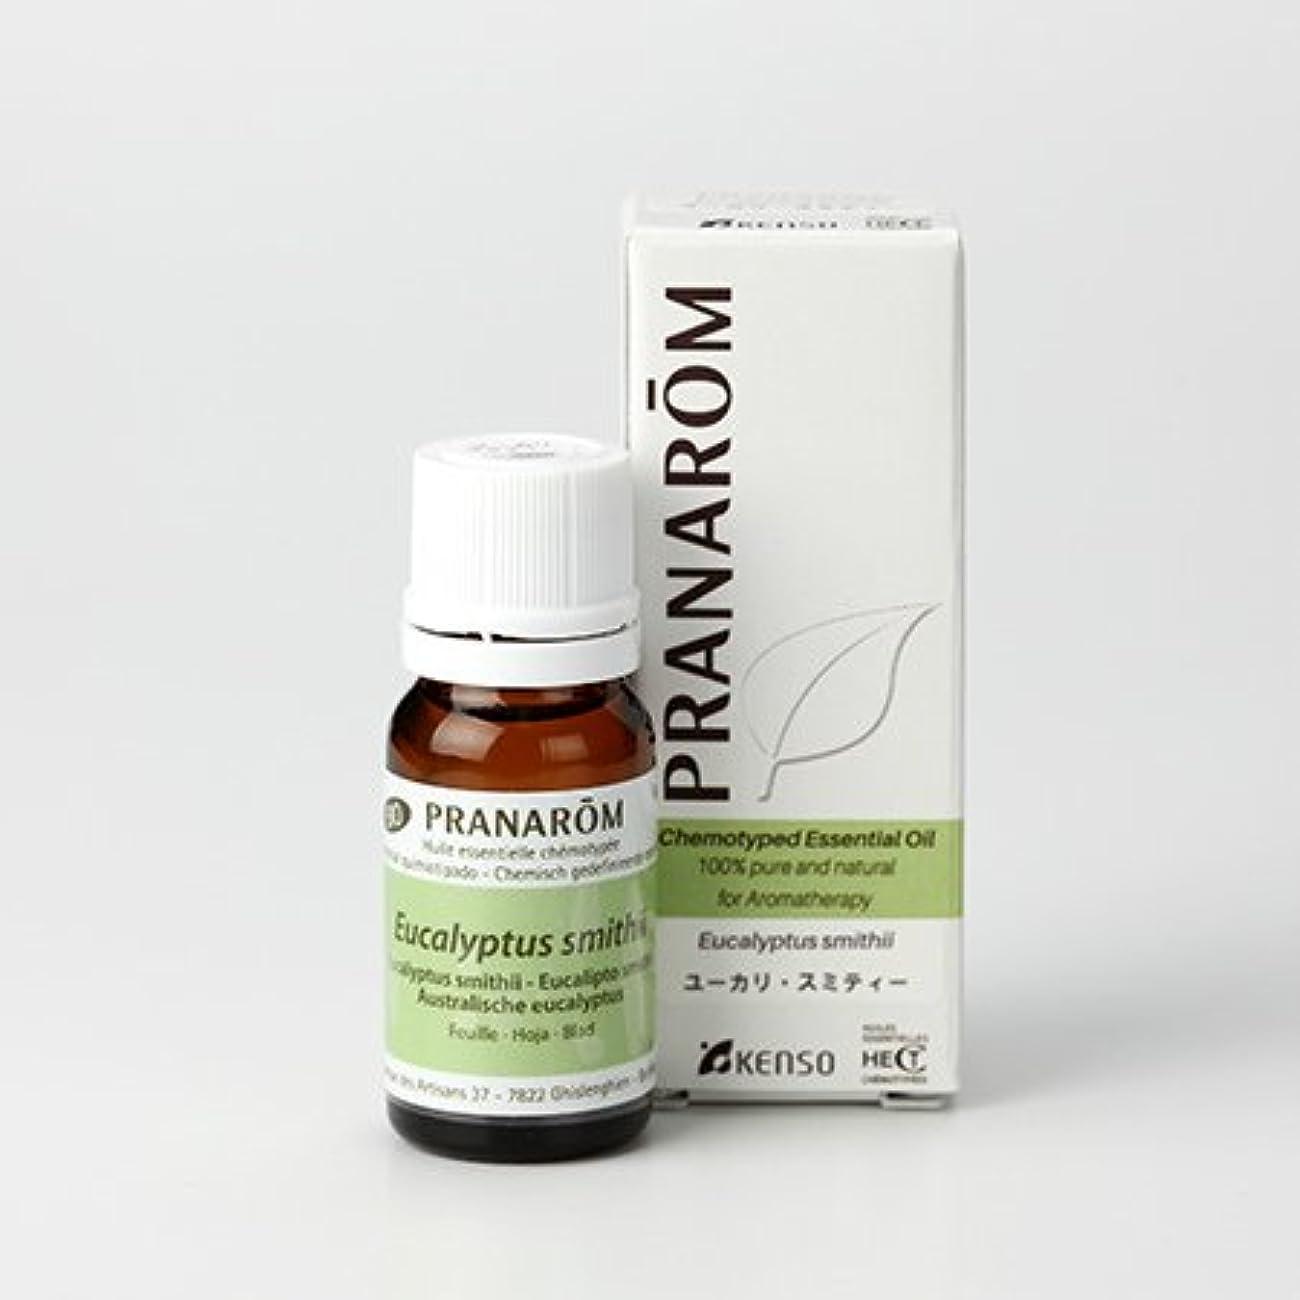 フロンティアリーガン腐敗プラナロム ユーカリスミティー 10ml (PRANAROM ケモタイプ精油)